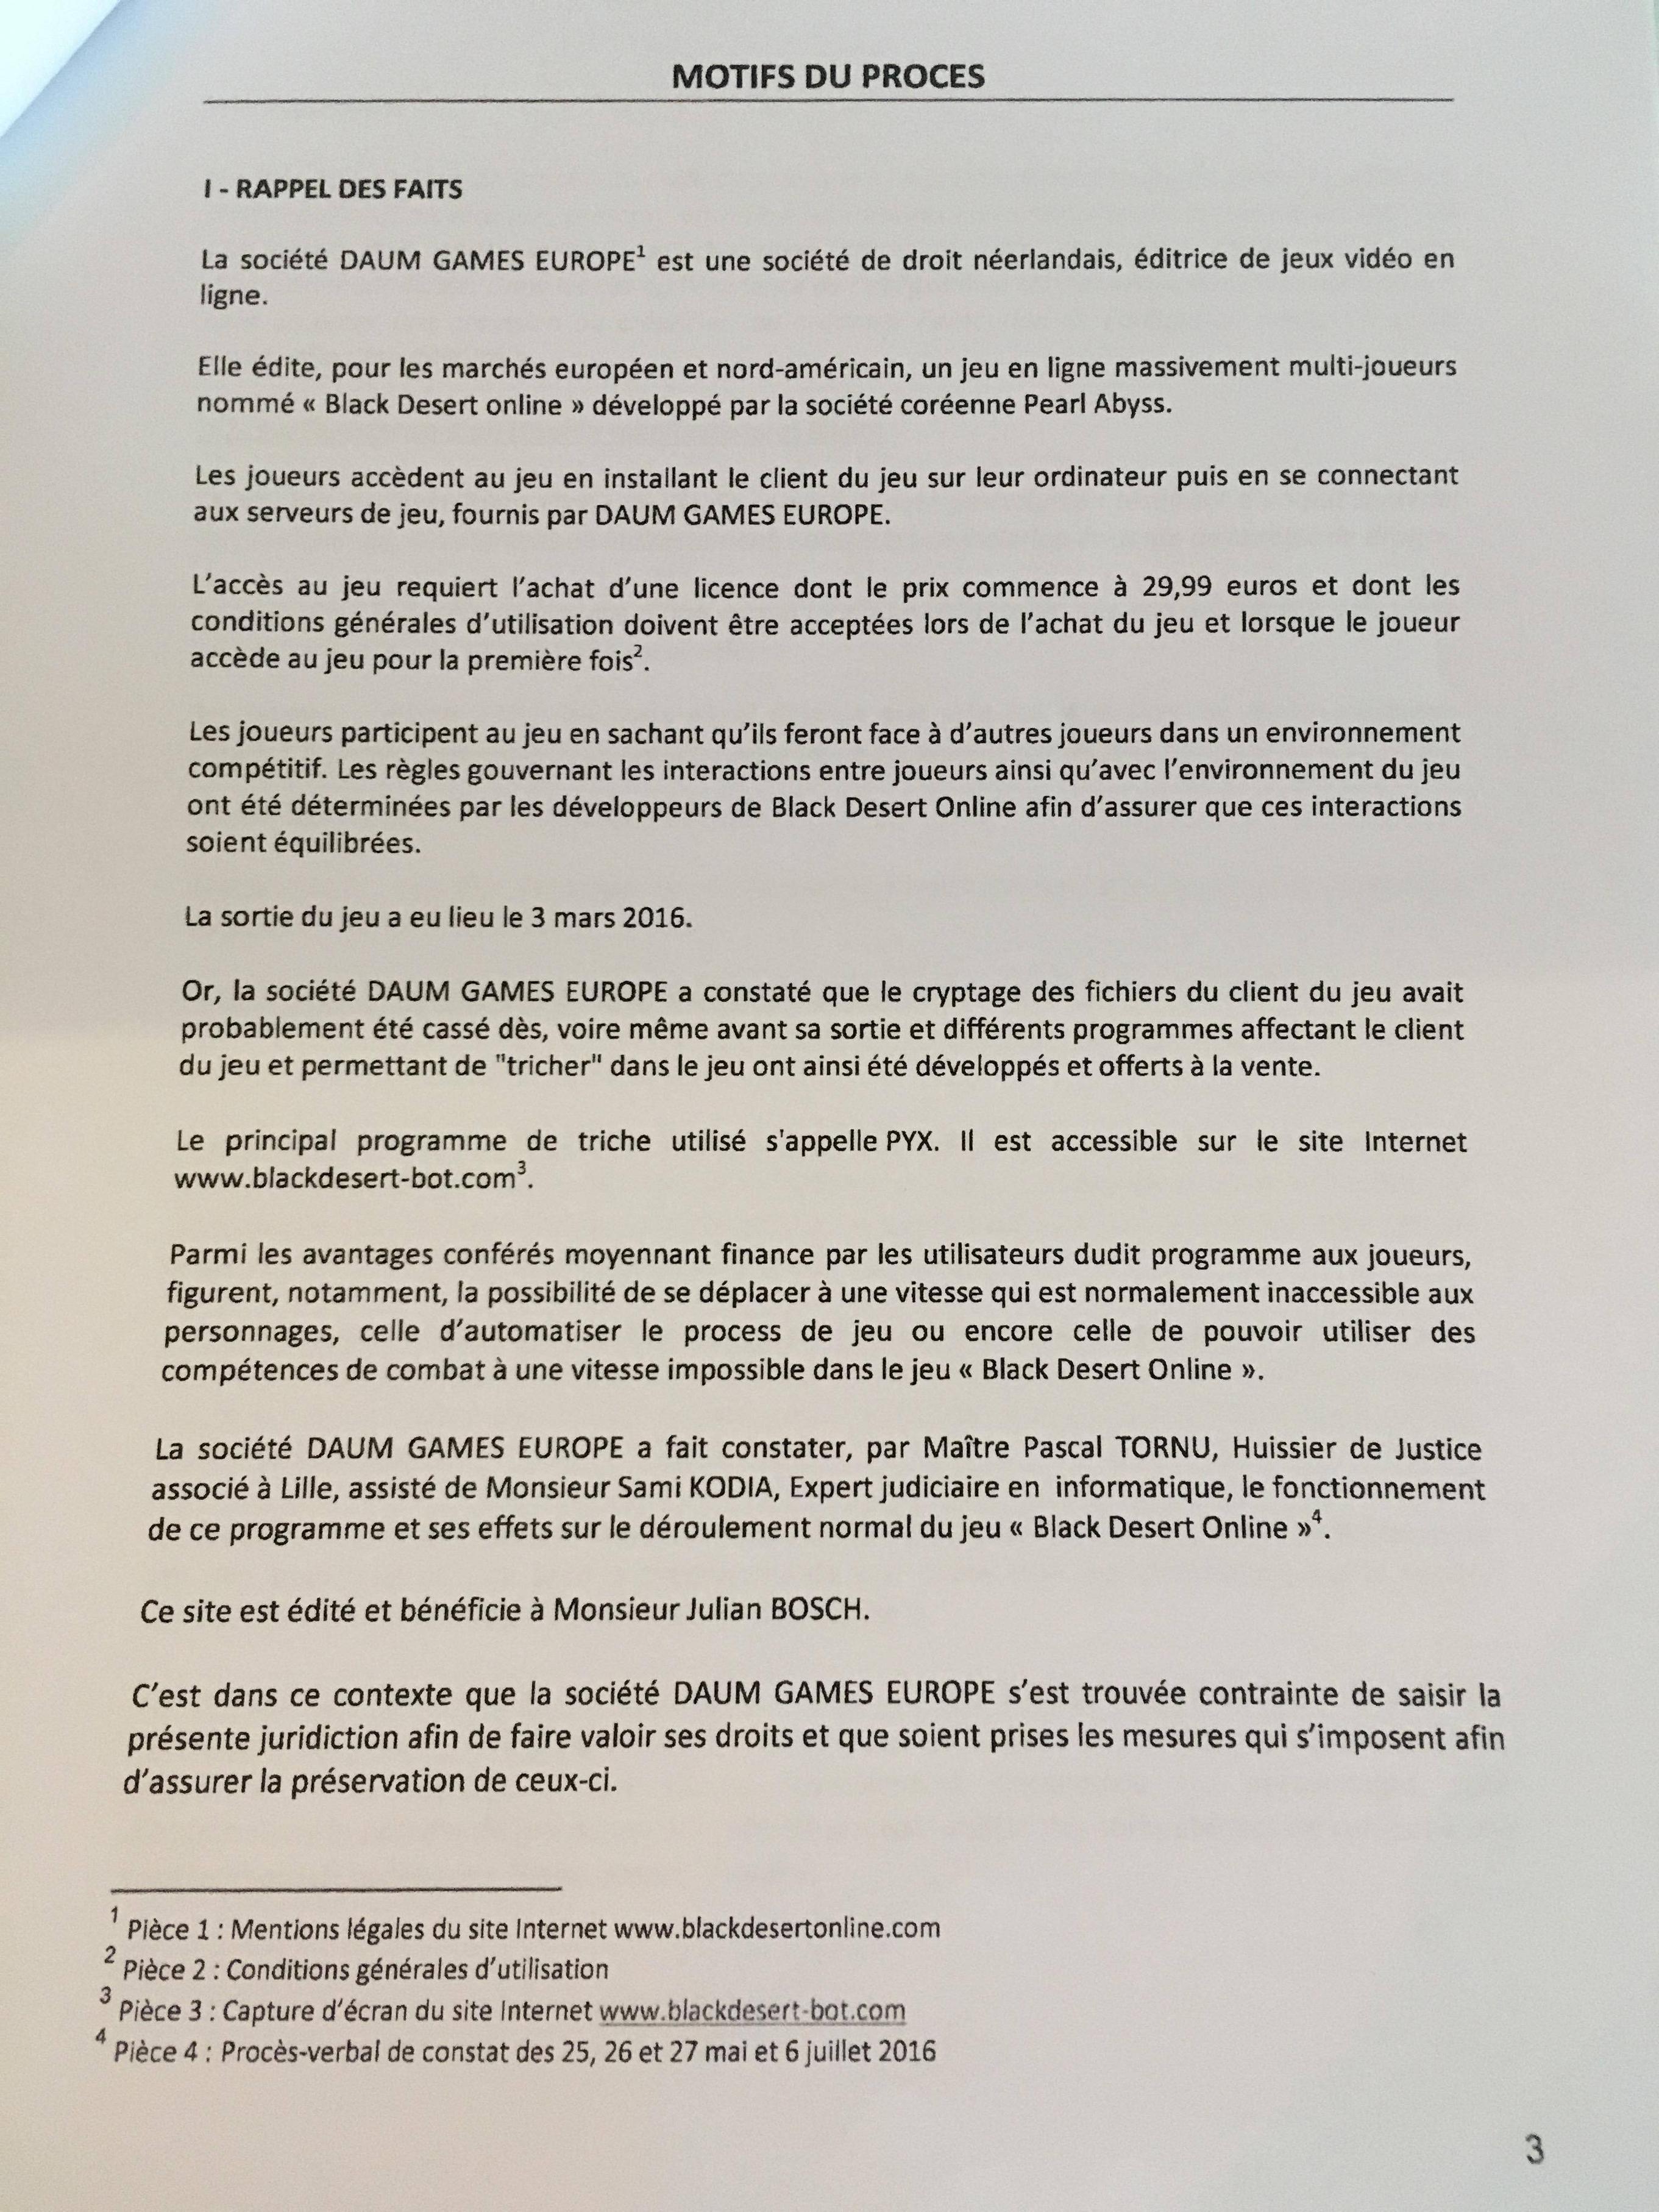 Kakao Games EU pozywa twórcę oprogramowania oszukującego